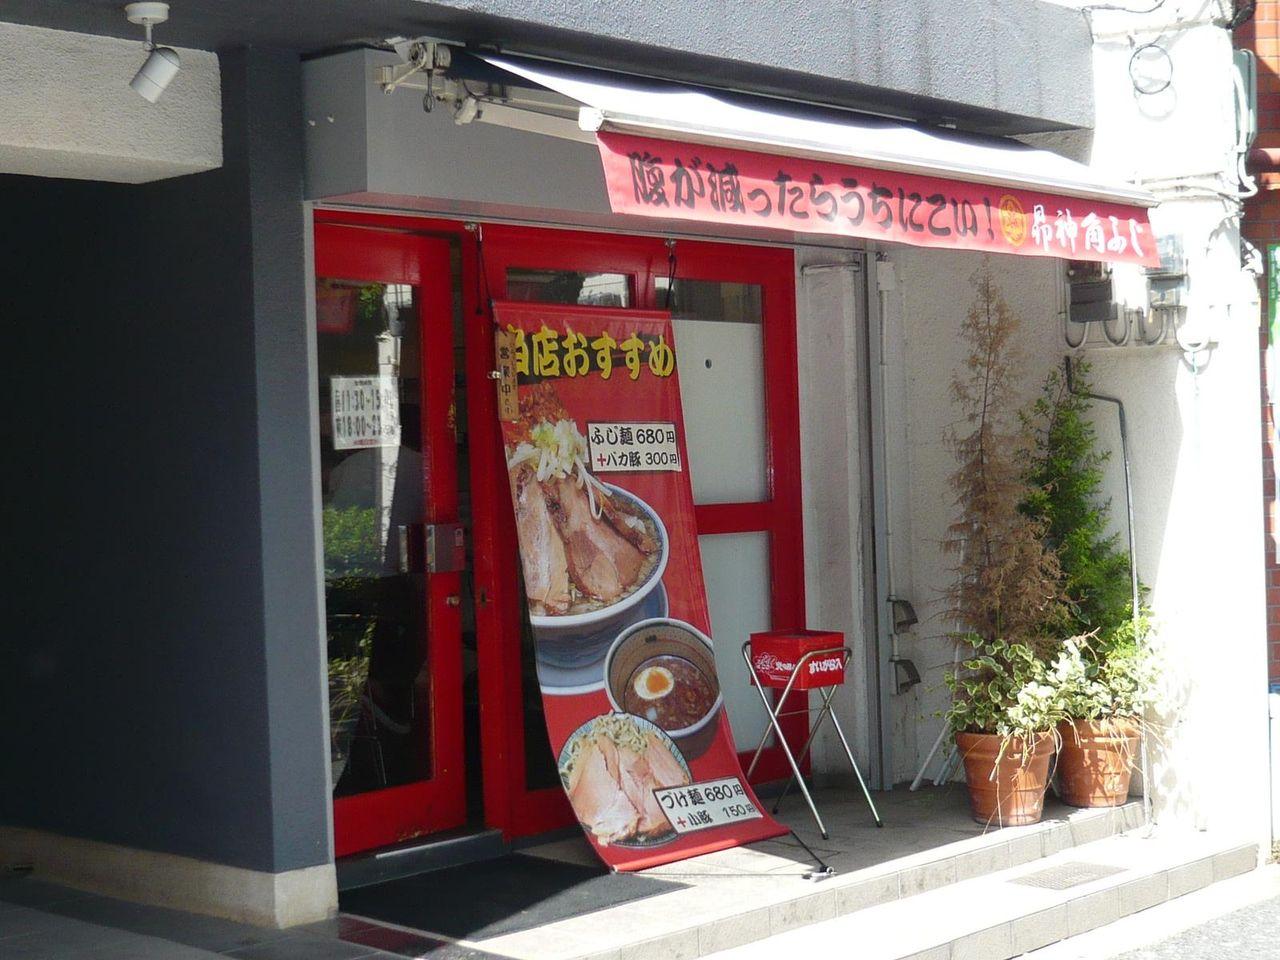 青梅街道沿いの超デカ盛りラーメン店